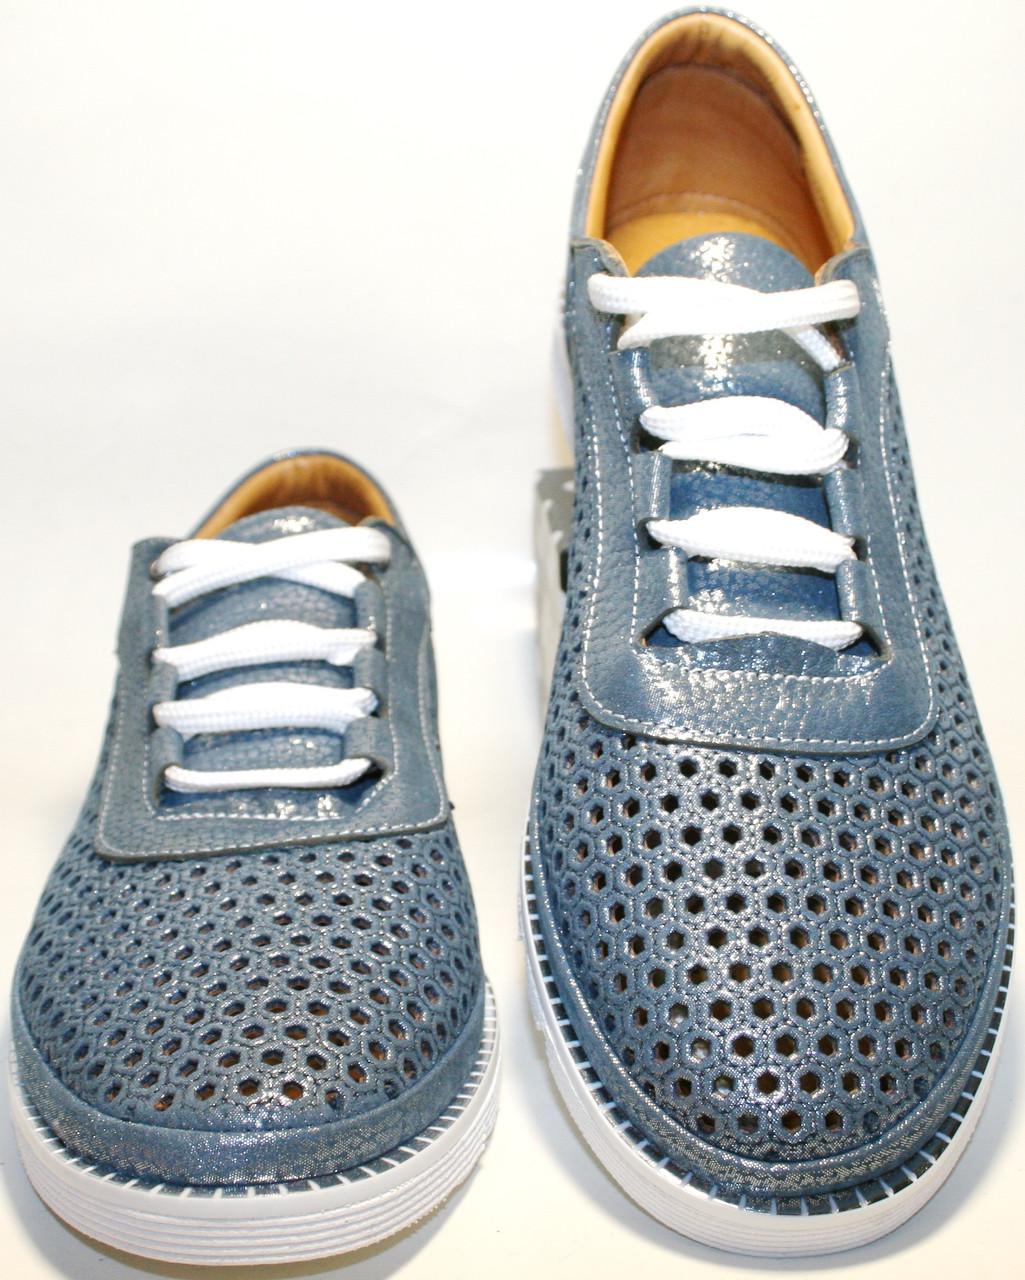 8ec800c7 Летние туфли женские - кеды с перфорацией Rifellini Rovigo - Интернет- магазин